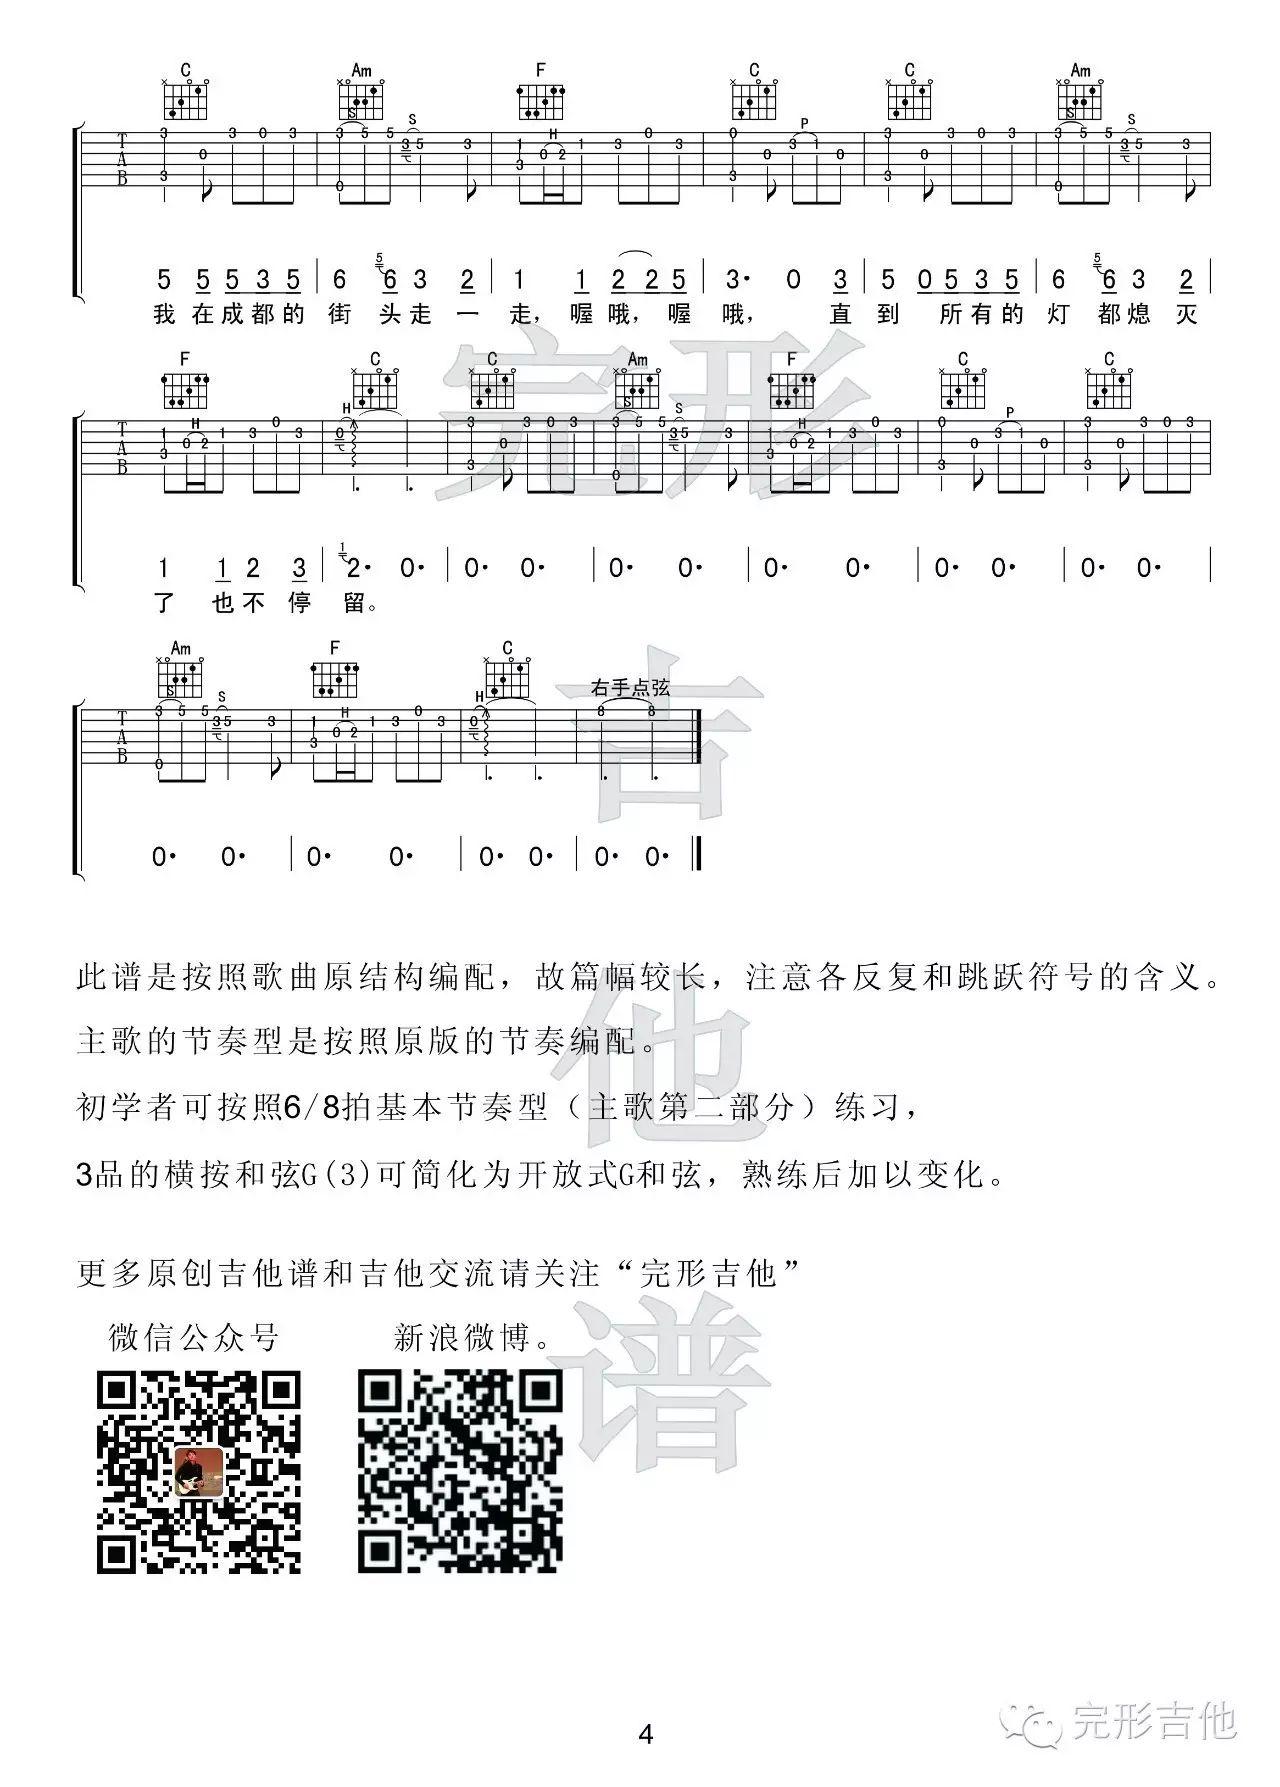 吉他派-《成都》吉他谱-4